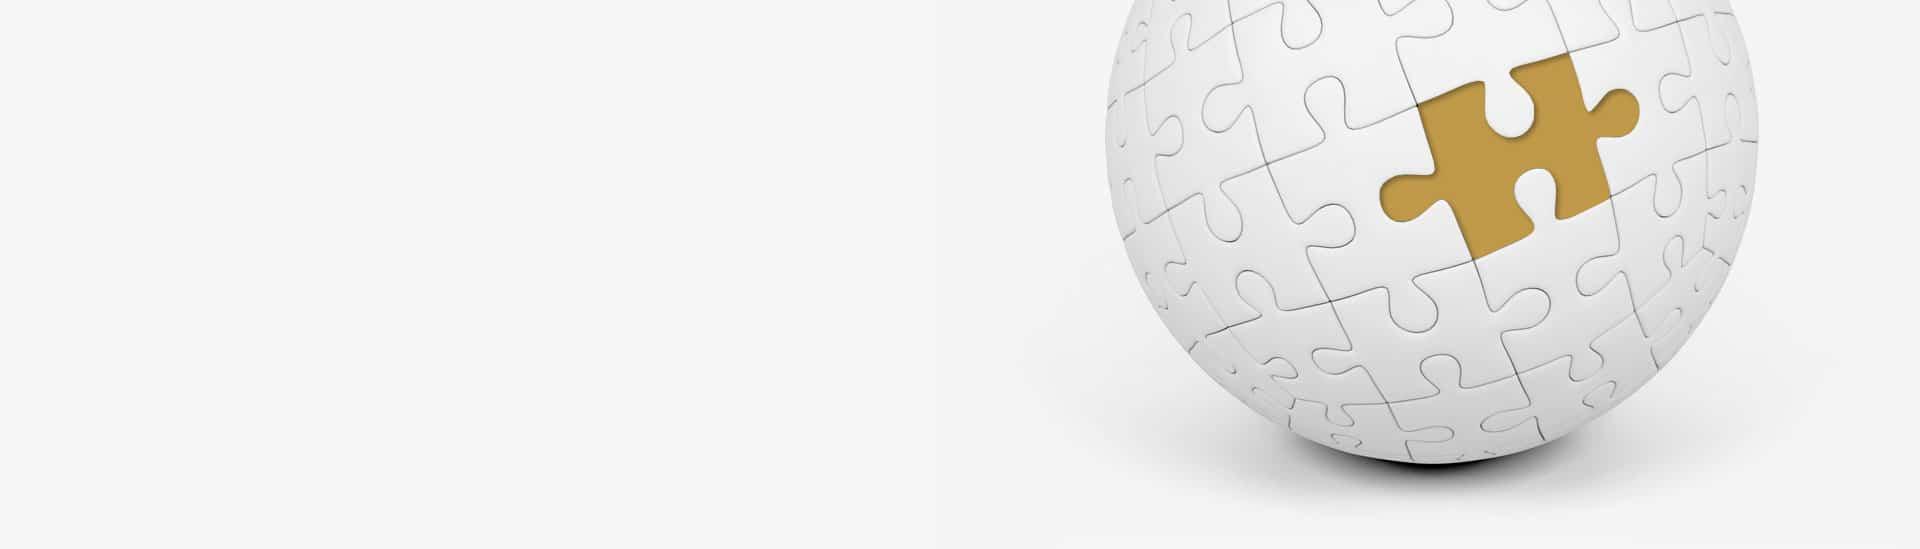 Lösungen Ring20 Immobilienmarketing